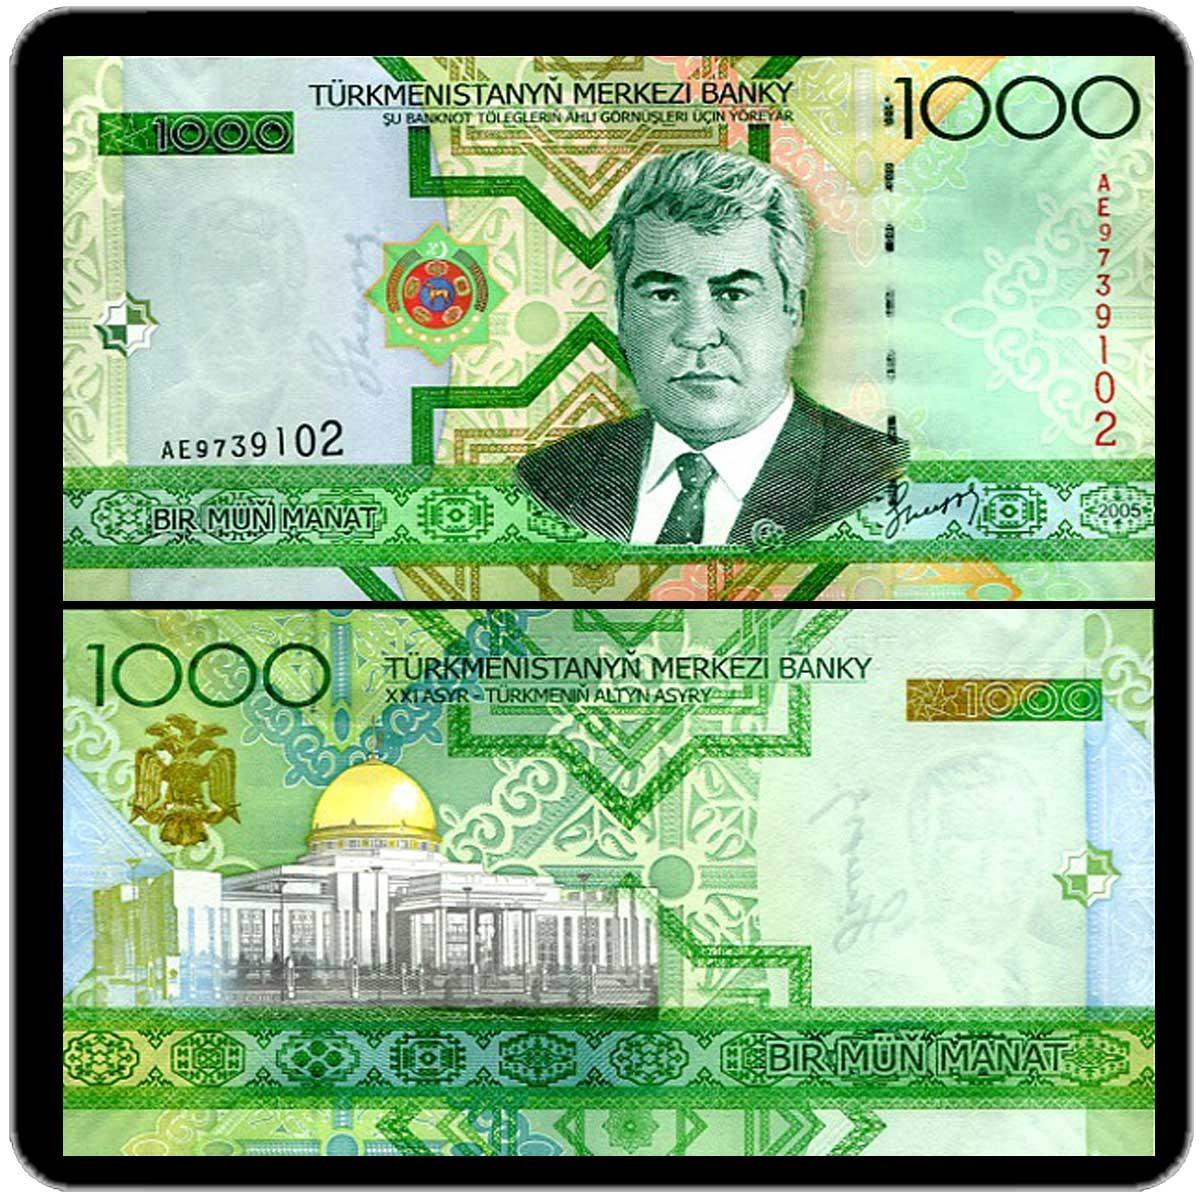 Туркменистан 1000 манат 2005 года код 0282